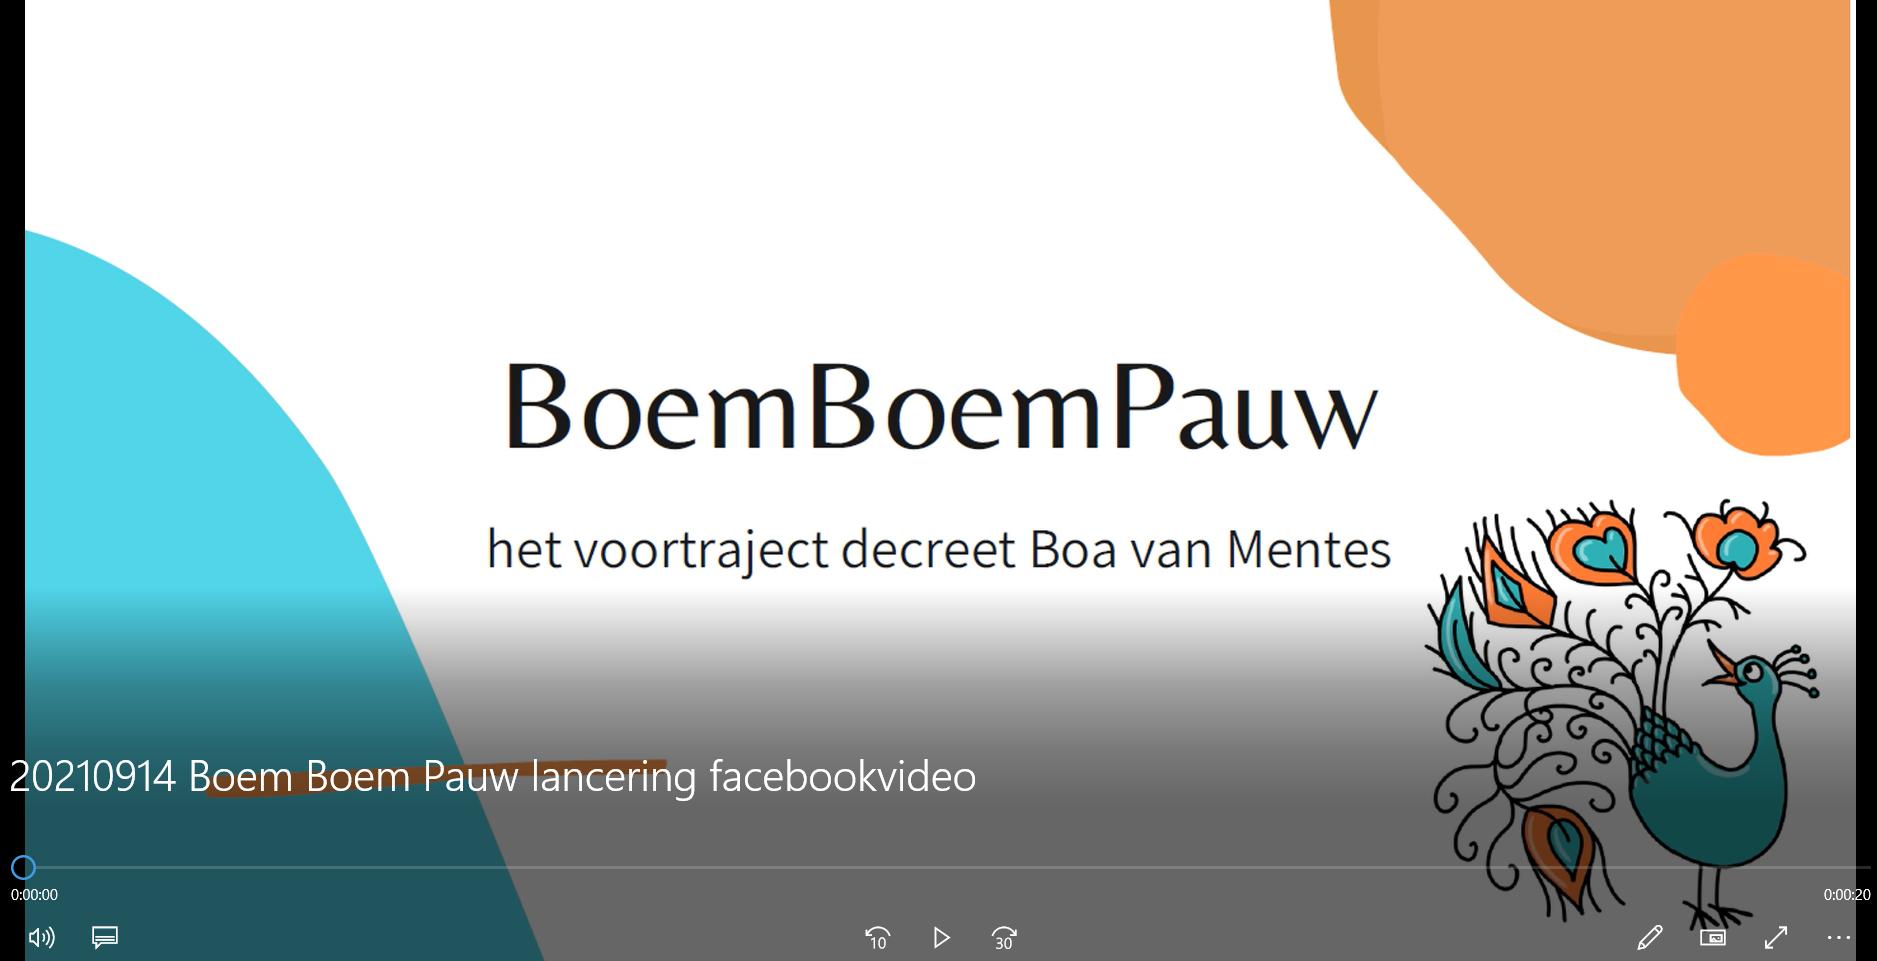 Boem Boem Pauw